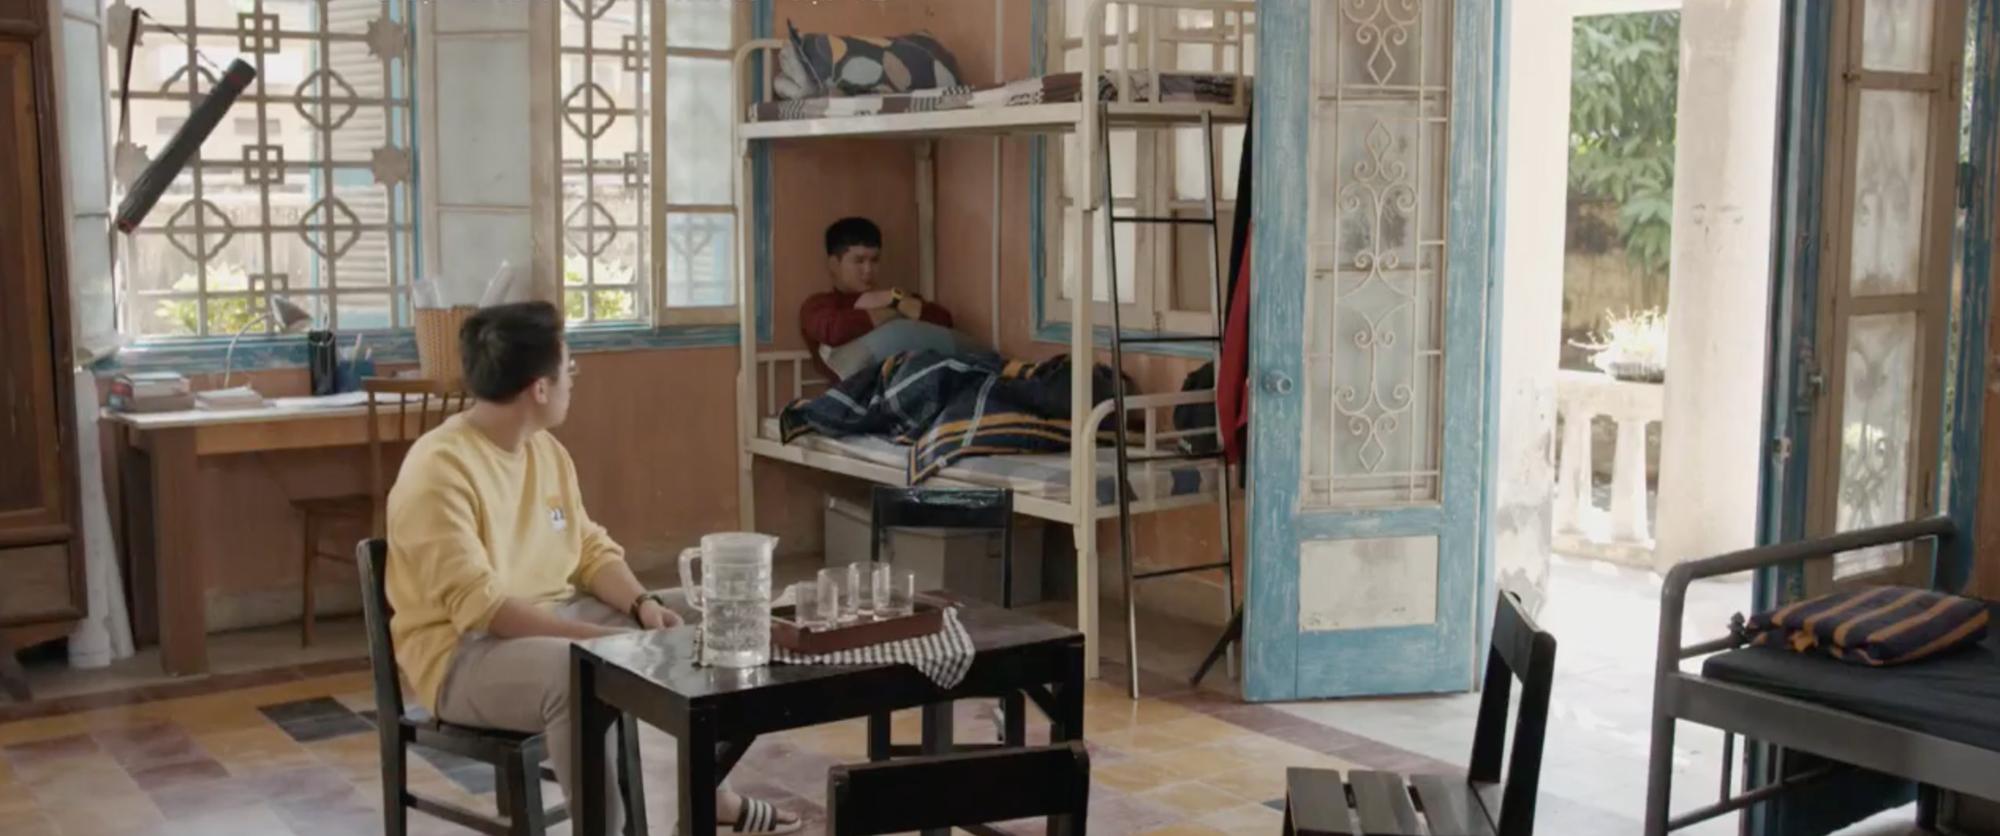 Lưu Đê Ly đối diện với nỗi ám ảnh cuộc đời, Huỳnh Anh nhanh chóng ra tay trong Chạy Trốn Thanh Xuân - Ảnh 12.